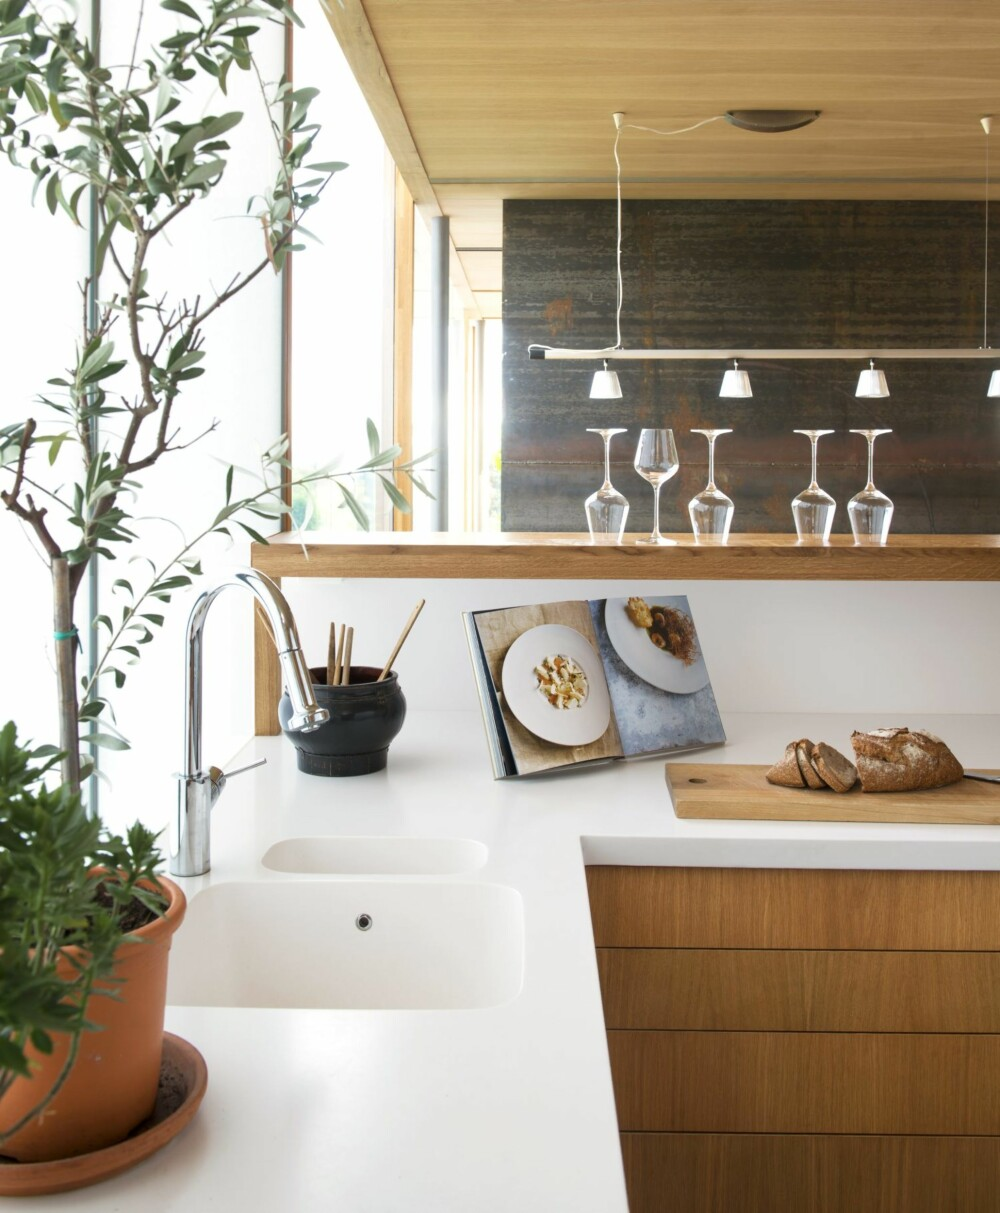 BLØTT LYS, HARD BENK: Benkeplaten er i Corian, et komposittmateriale som er nesten like sofistikert som veggpanelene. - Det er hvitt, glatt, og renslig. Jeg kommer aldri til å velge noe annet sier beboeren. Kjøkkeninnredningen er fra Country Kitchen & Interiors. Styling: Juni Hjartholm.